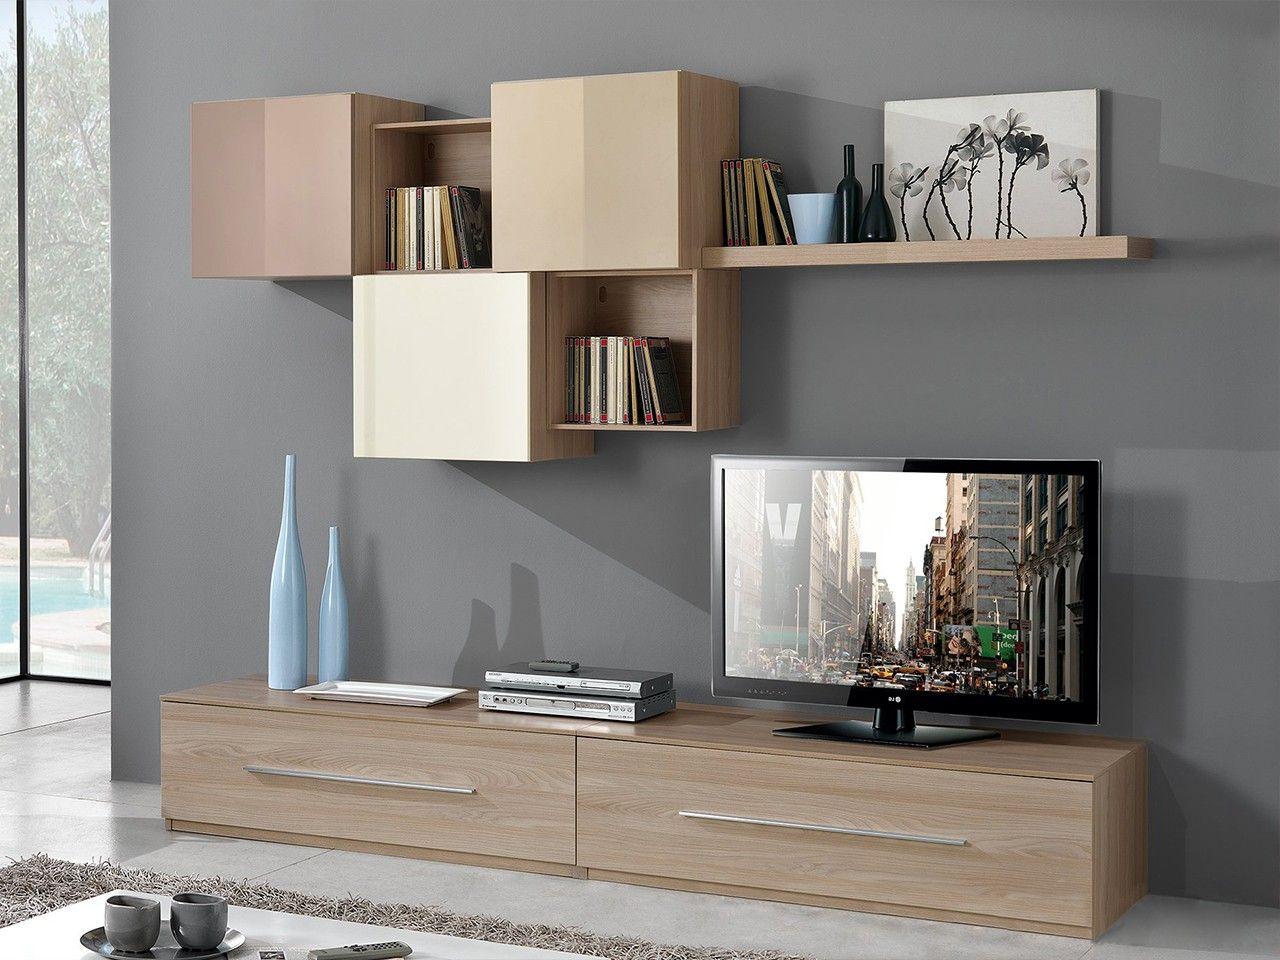 resultado de imagen para bife mueble moderno casa